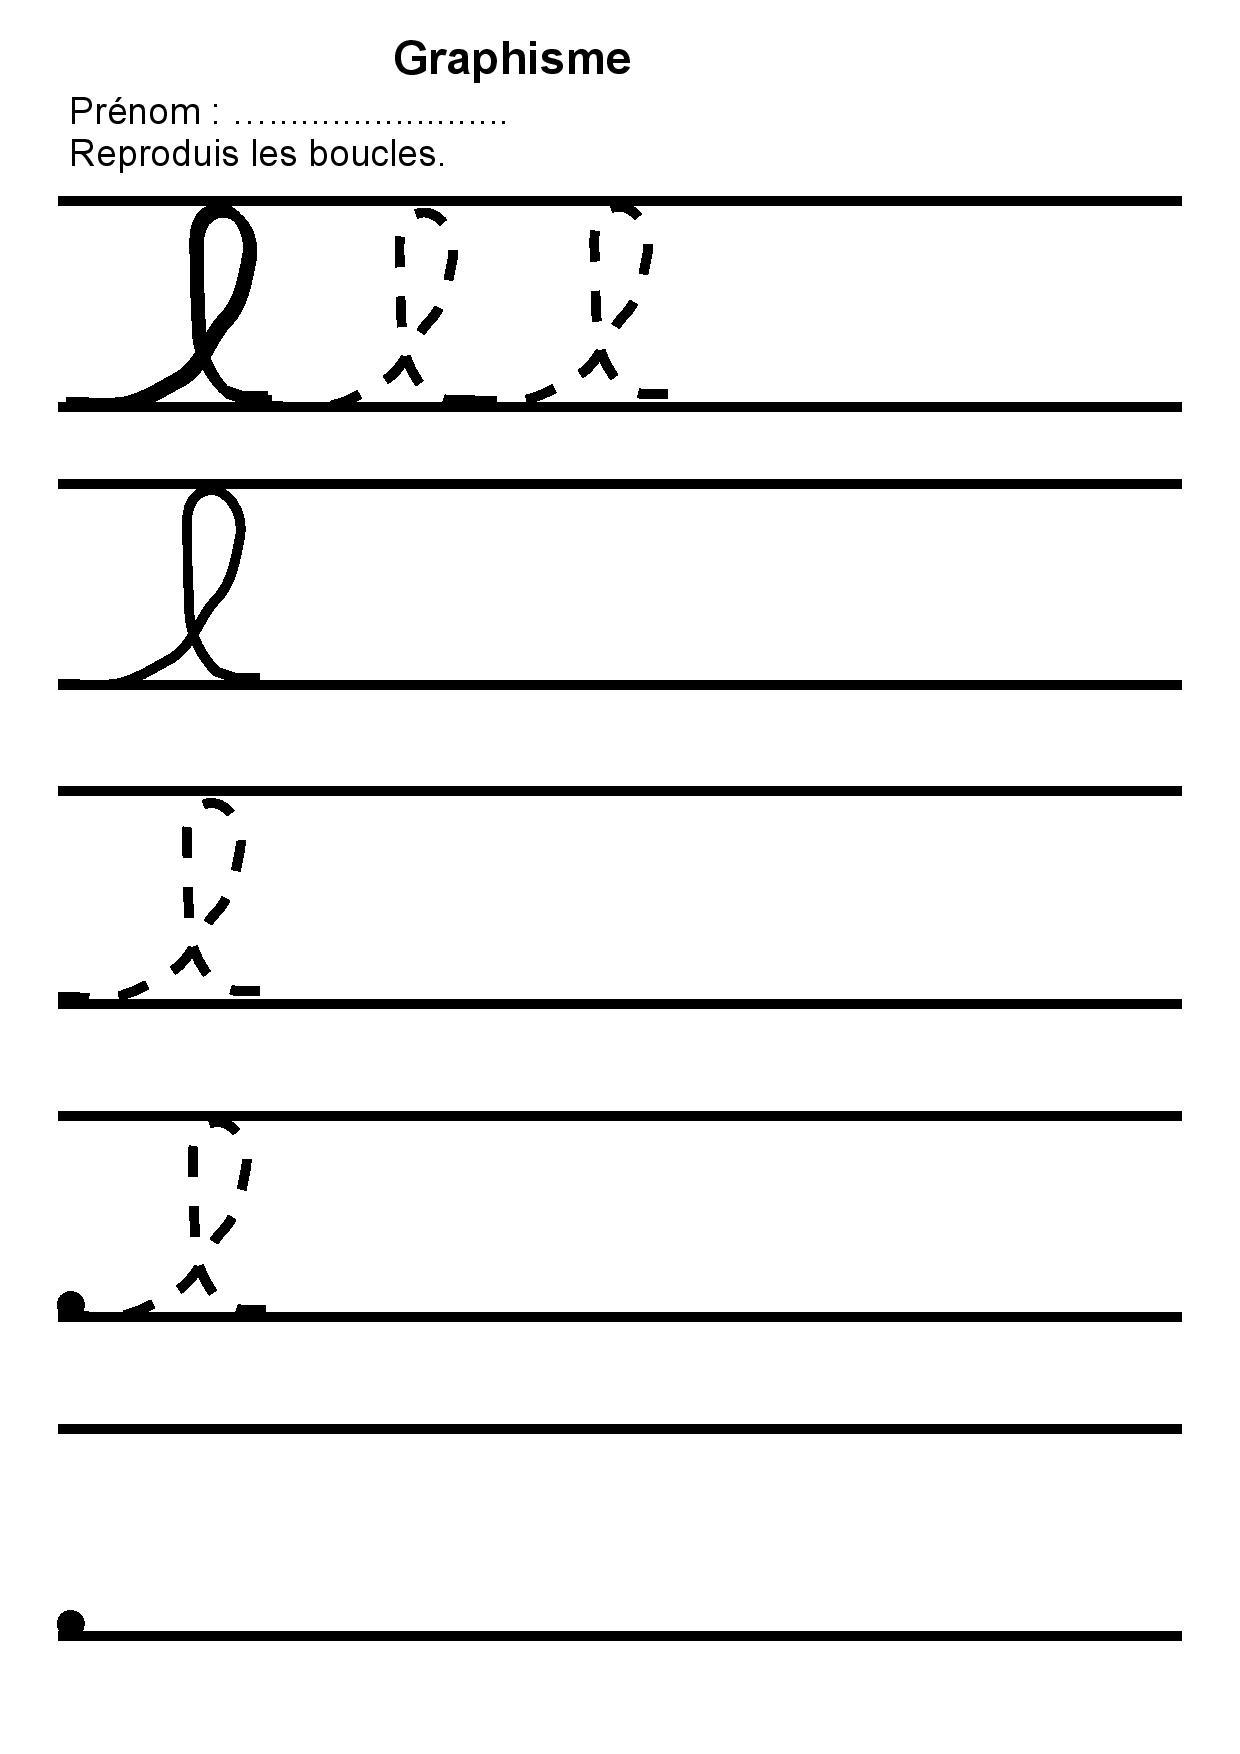 Maternelle Graphisme 2,reproduire Des Boucles L,lettre L encequiconcerne Apprendre À Écrire Les Lettres Maternelle